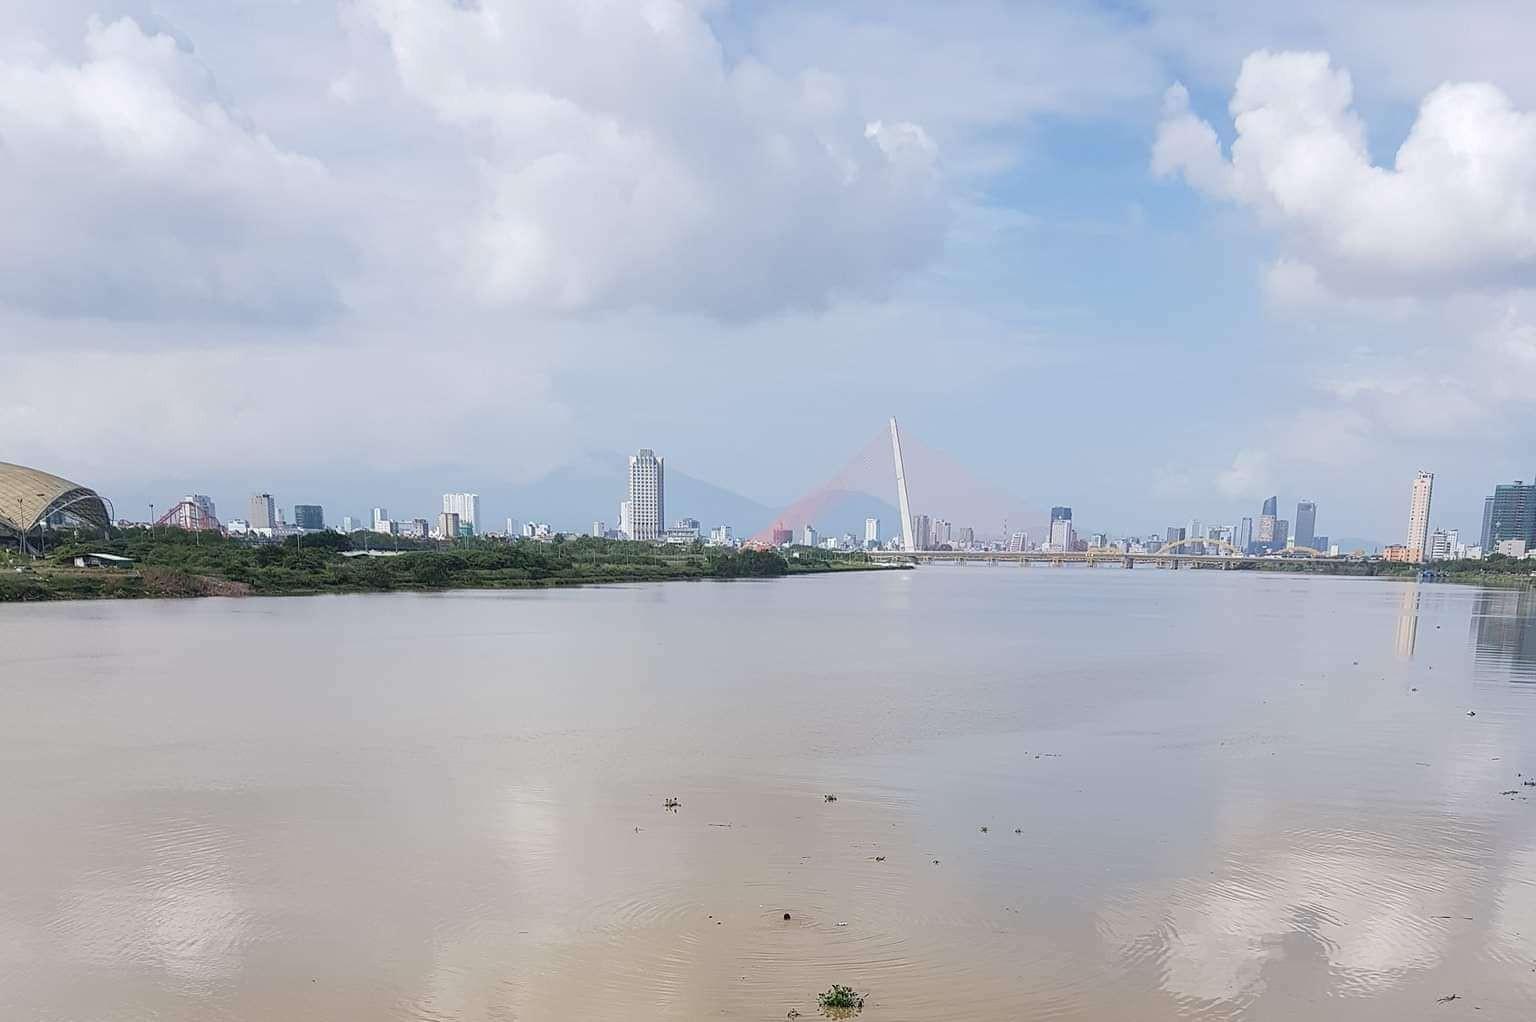 Hoảng hồn phát hiện người phụ nữ bỏ lại xe máy, nhảy xuống sông Hàn tự tử - Ảnh 2.